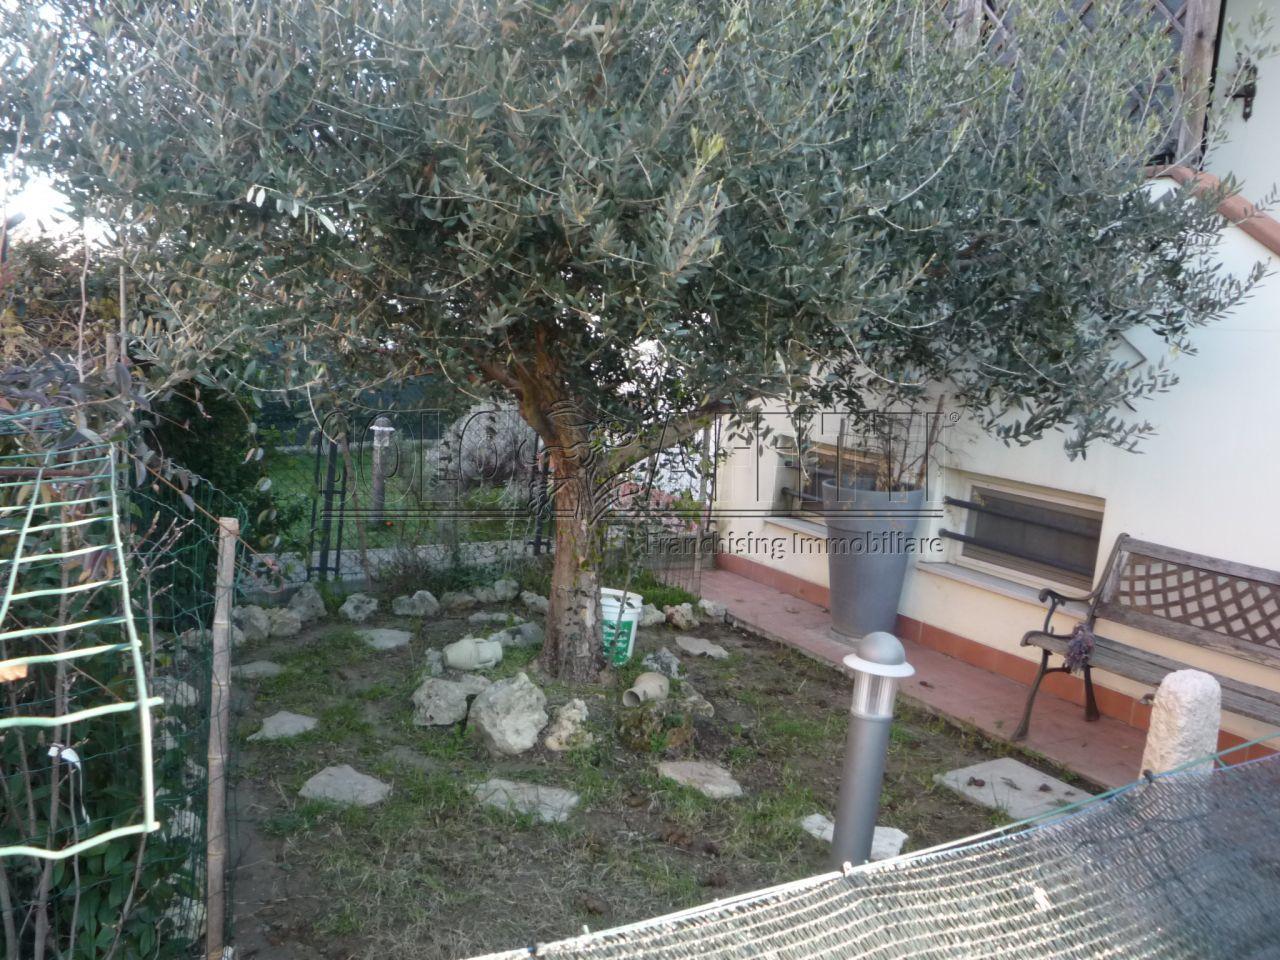 ingresso in giardino